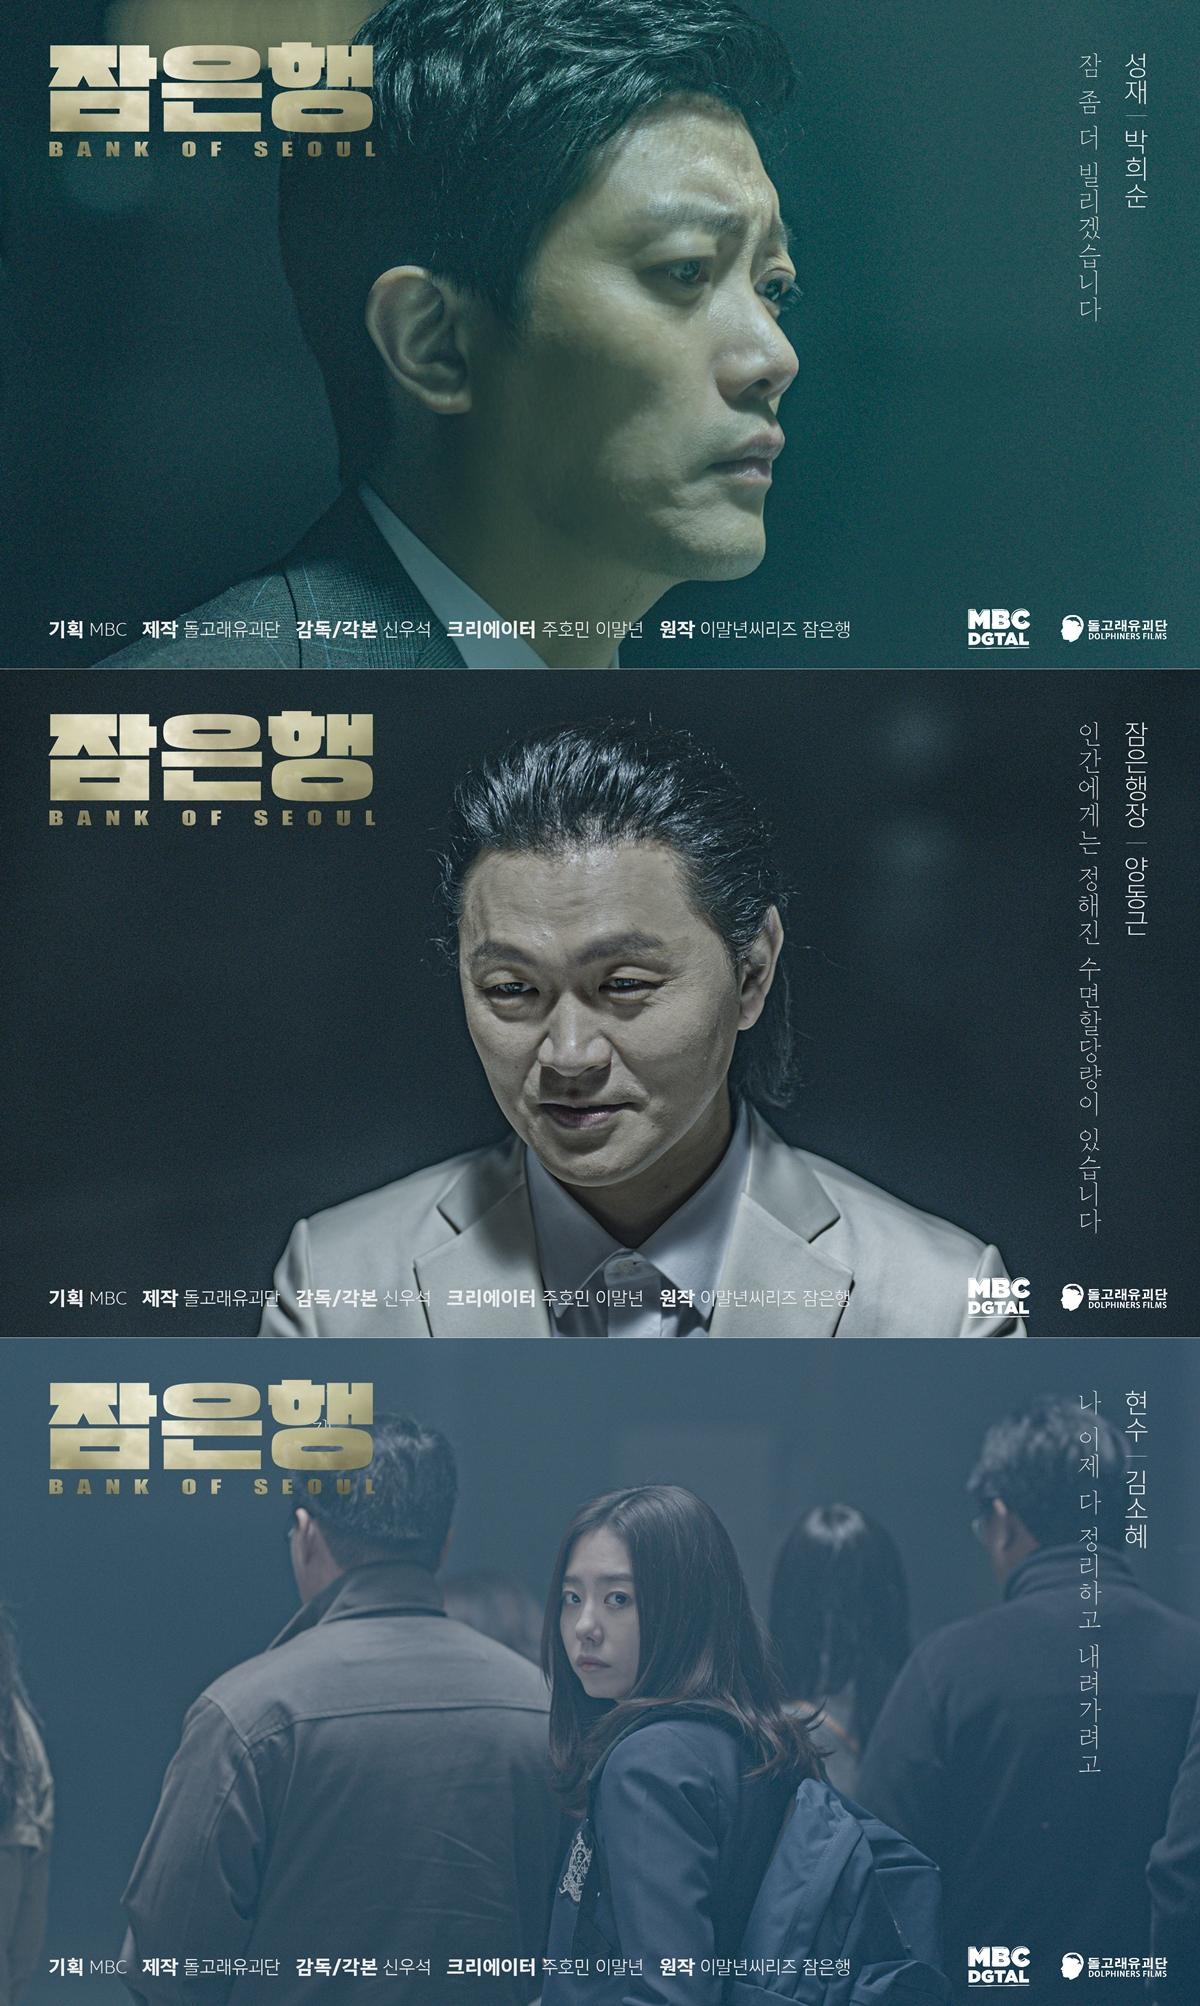 '주X말의 영화' 배우 박희순-양동근-김소혜, '잠은행' 캐스팅 확정! 고퀄리티 포스터 공개